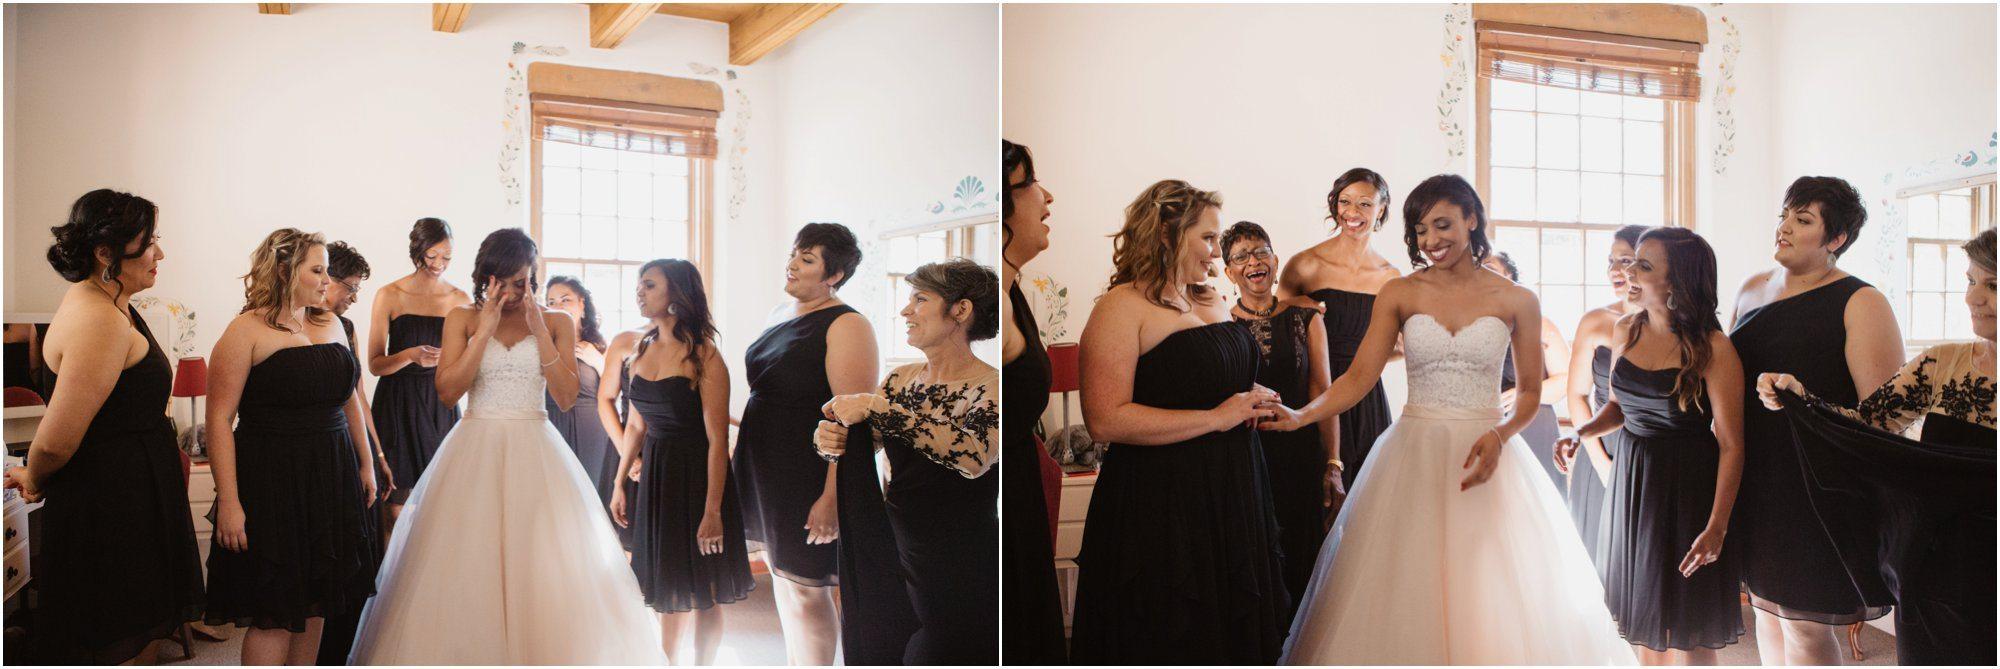 0023albuquerque-wedding-photographer_-santa-fe-wedding-photography_blue-rose-studio